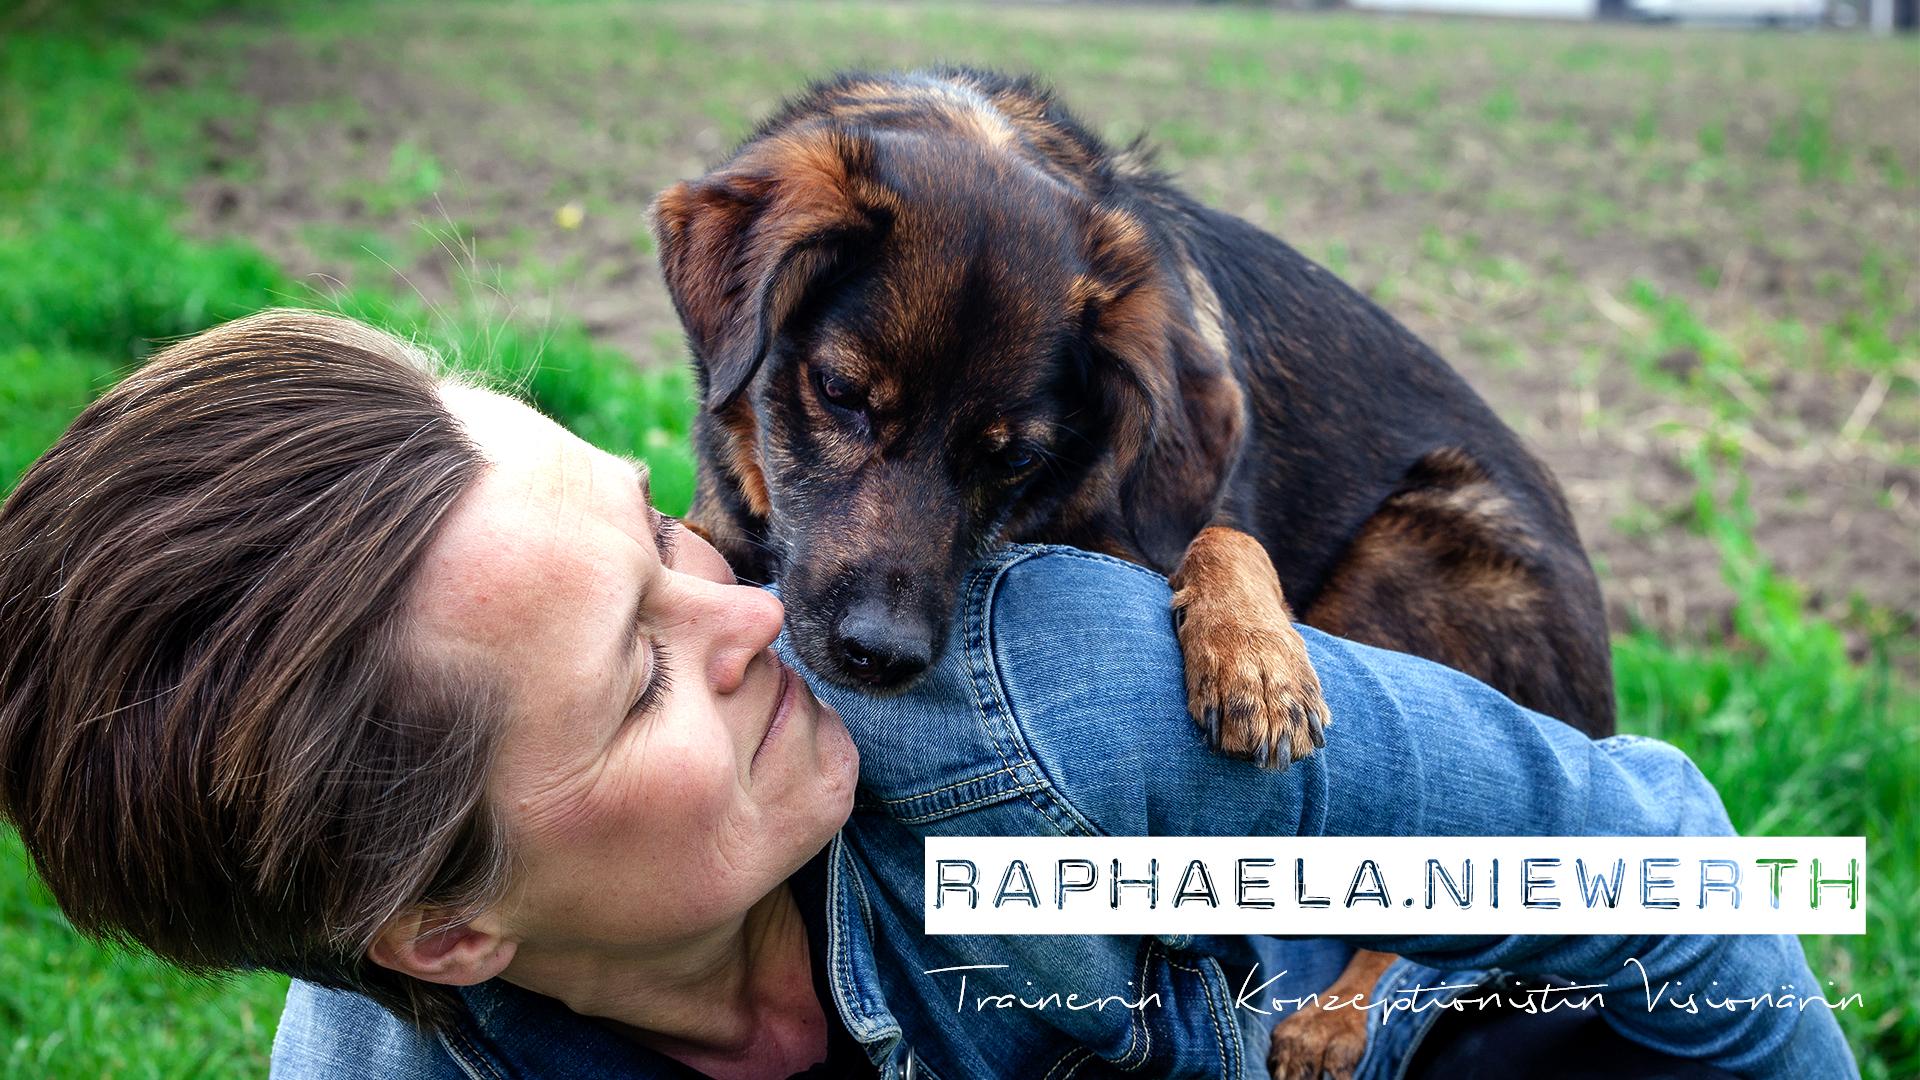 Raphaela Niewerth - Hundeschulkonzepte